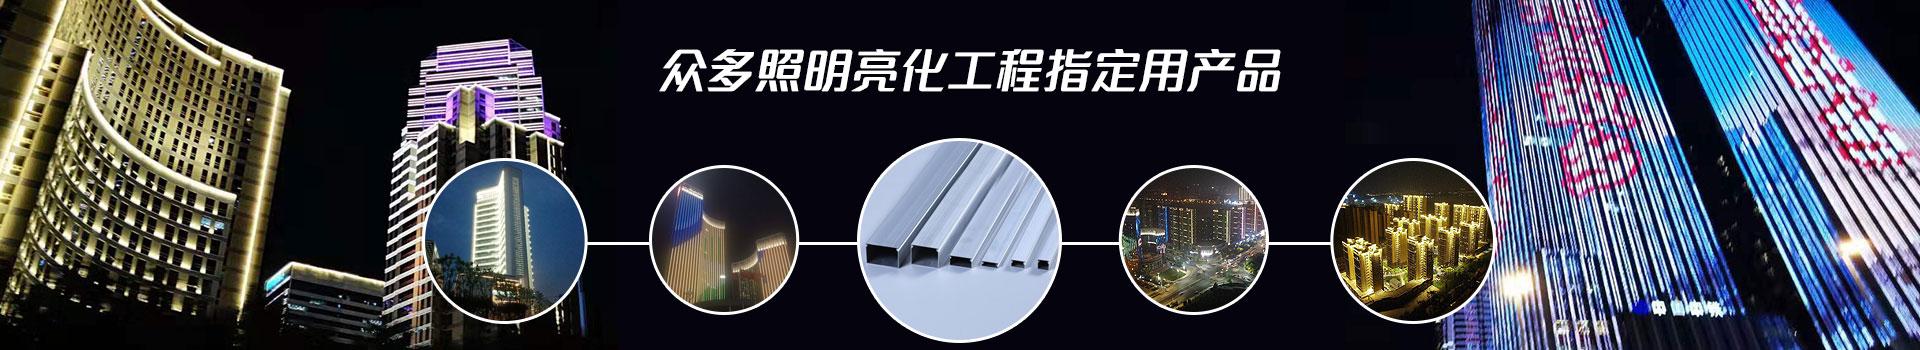 伟吉铝业内页广告(1)